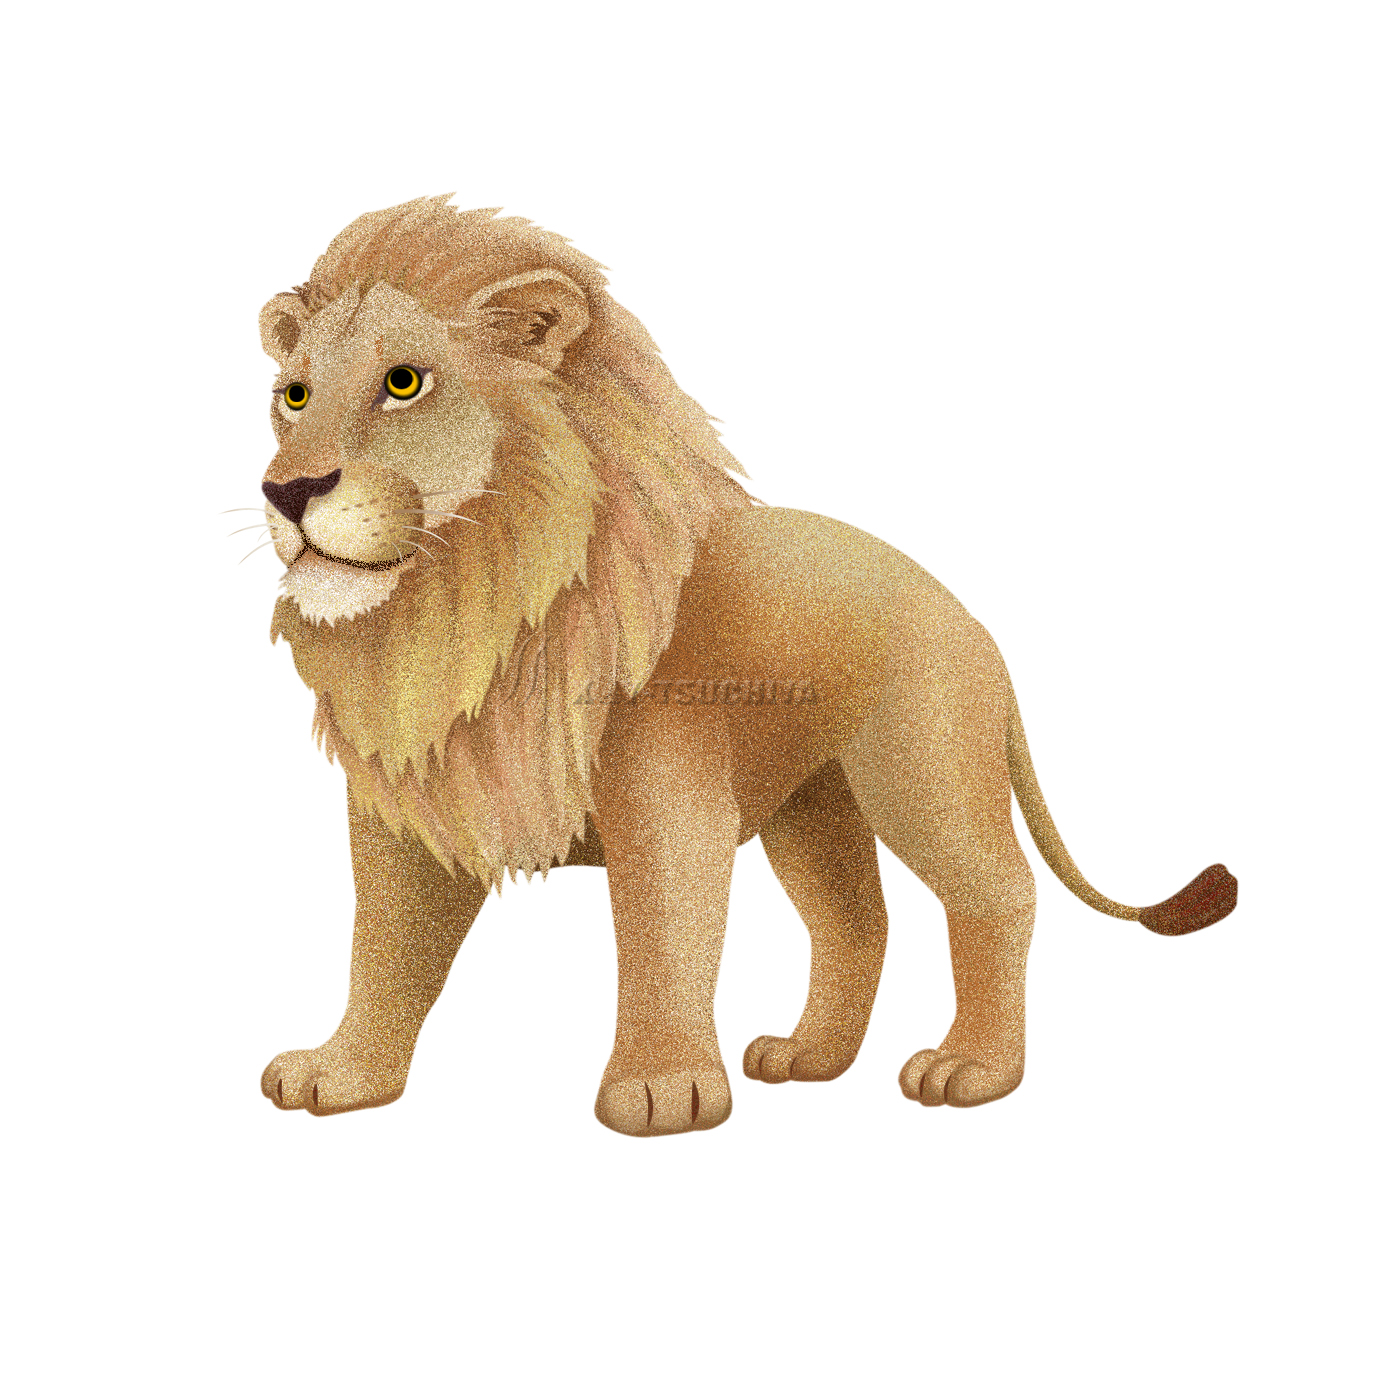 ある動物園の少しキャラ的なライオンのイラストです。:イラスト制作